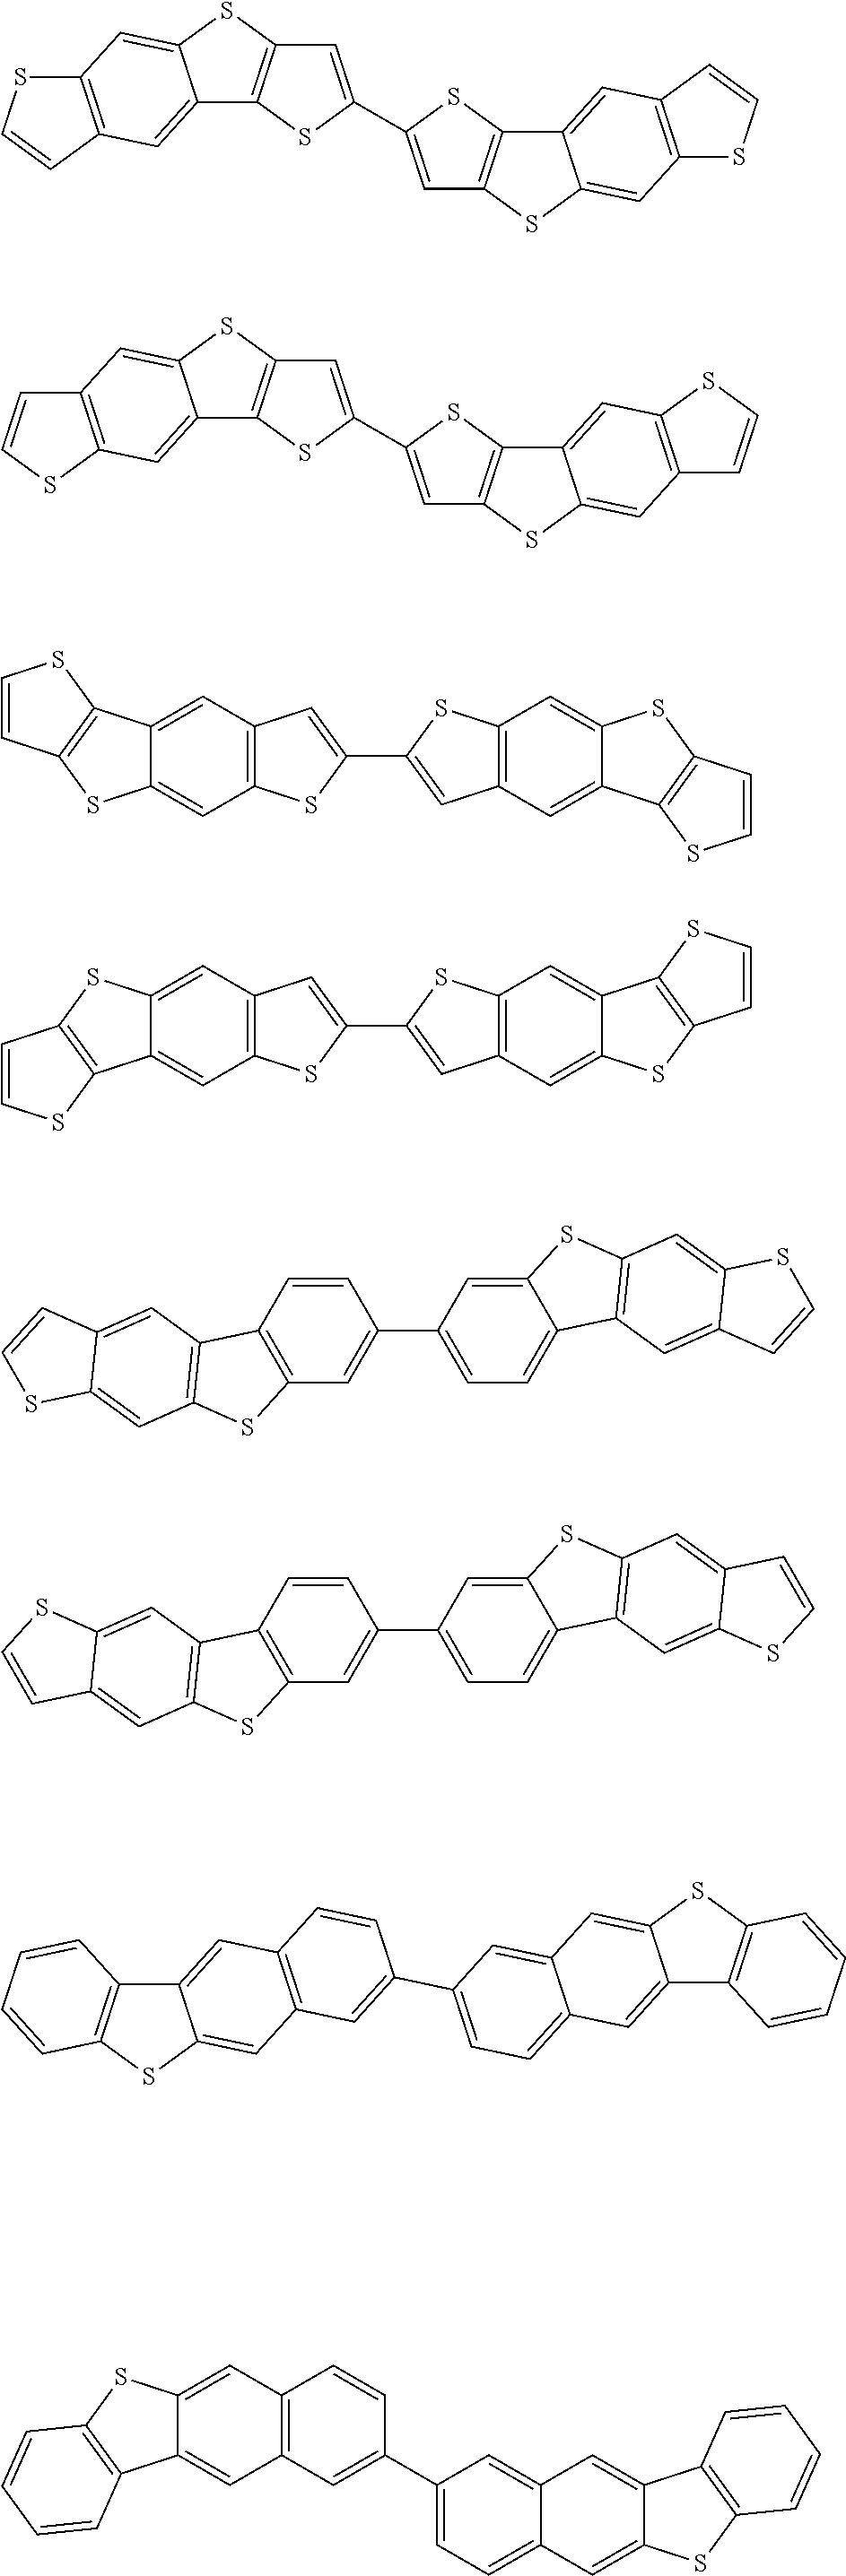 Figure US09985222-20180529-C00029